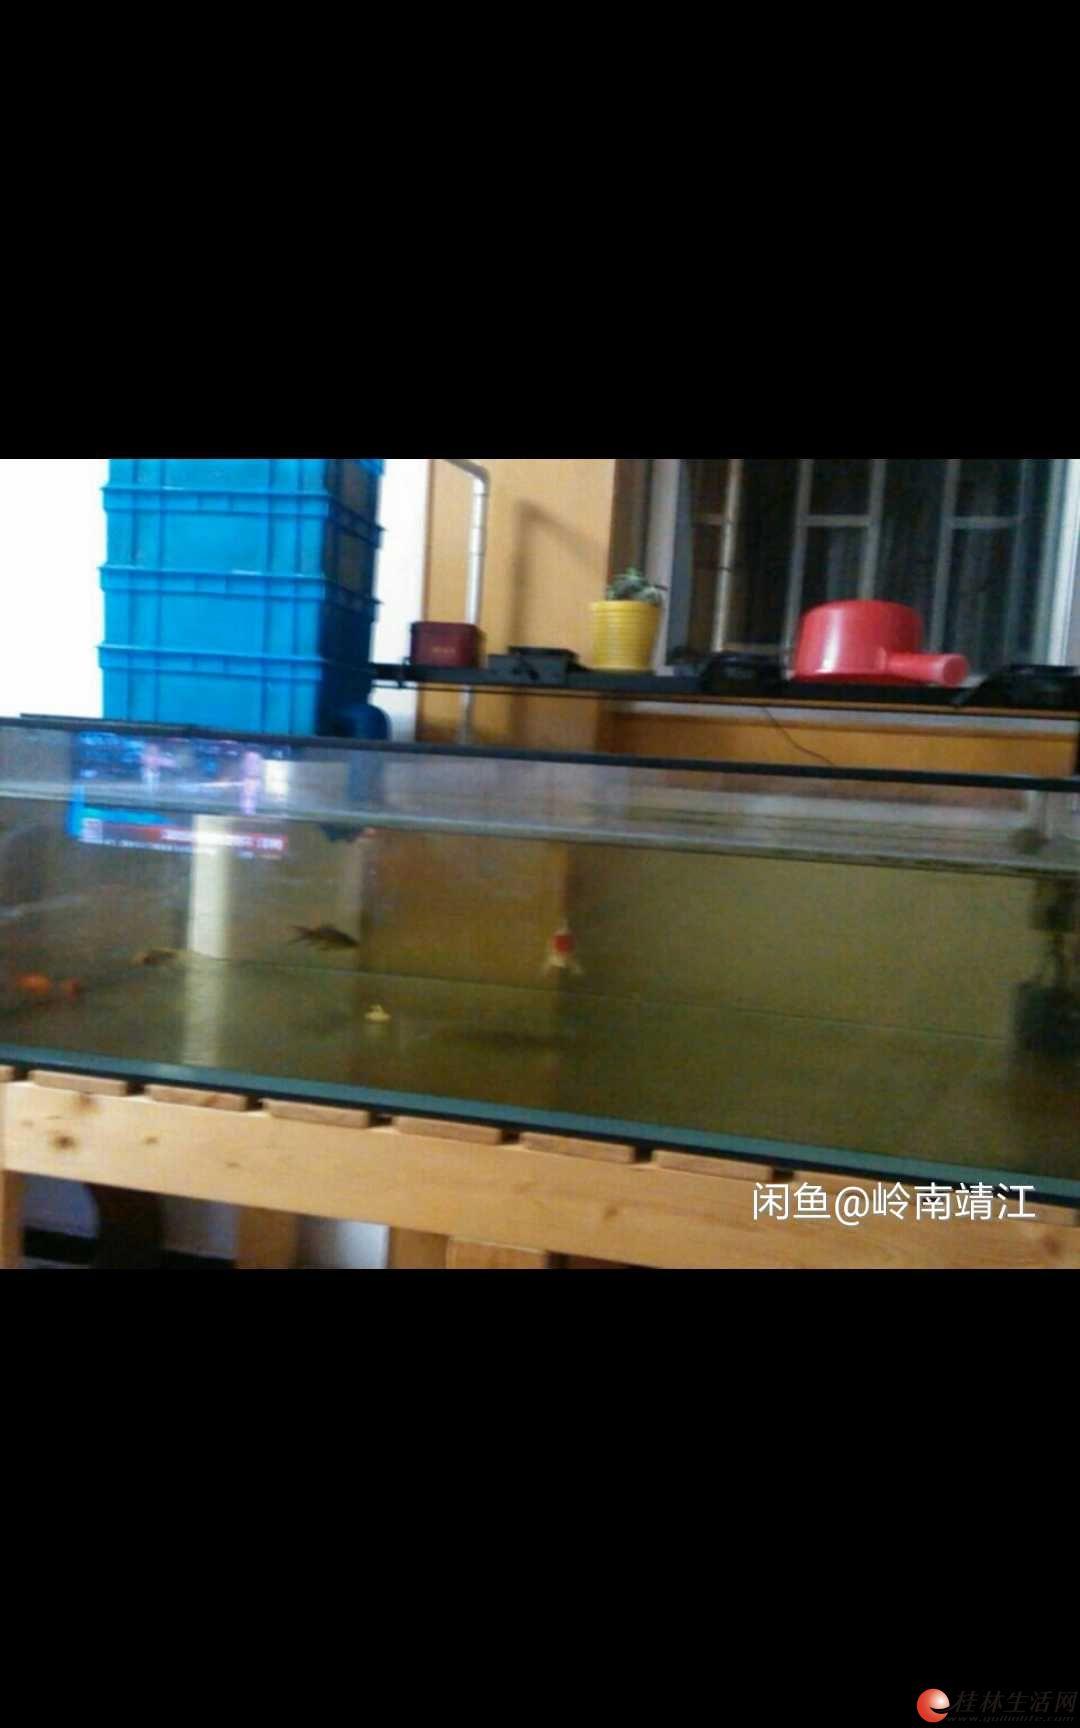 金晶超白缸 鱼缸 长115厘米 宽70厘米 高32厘米